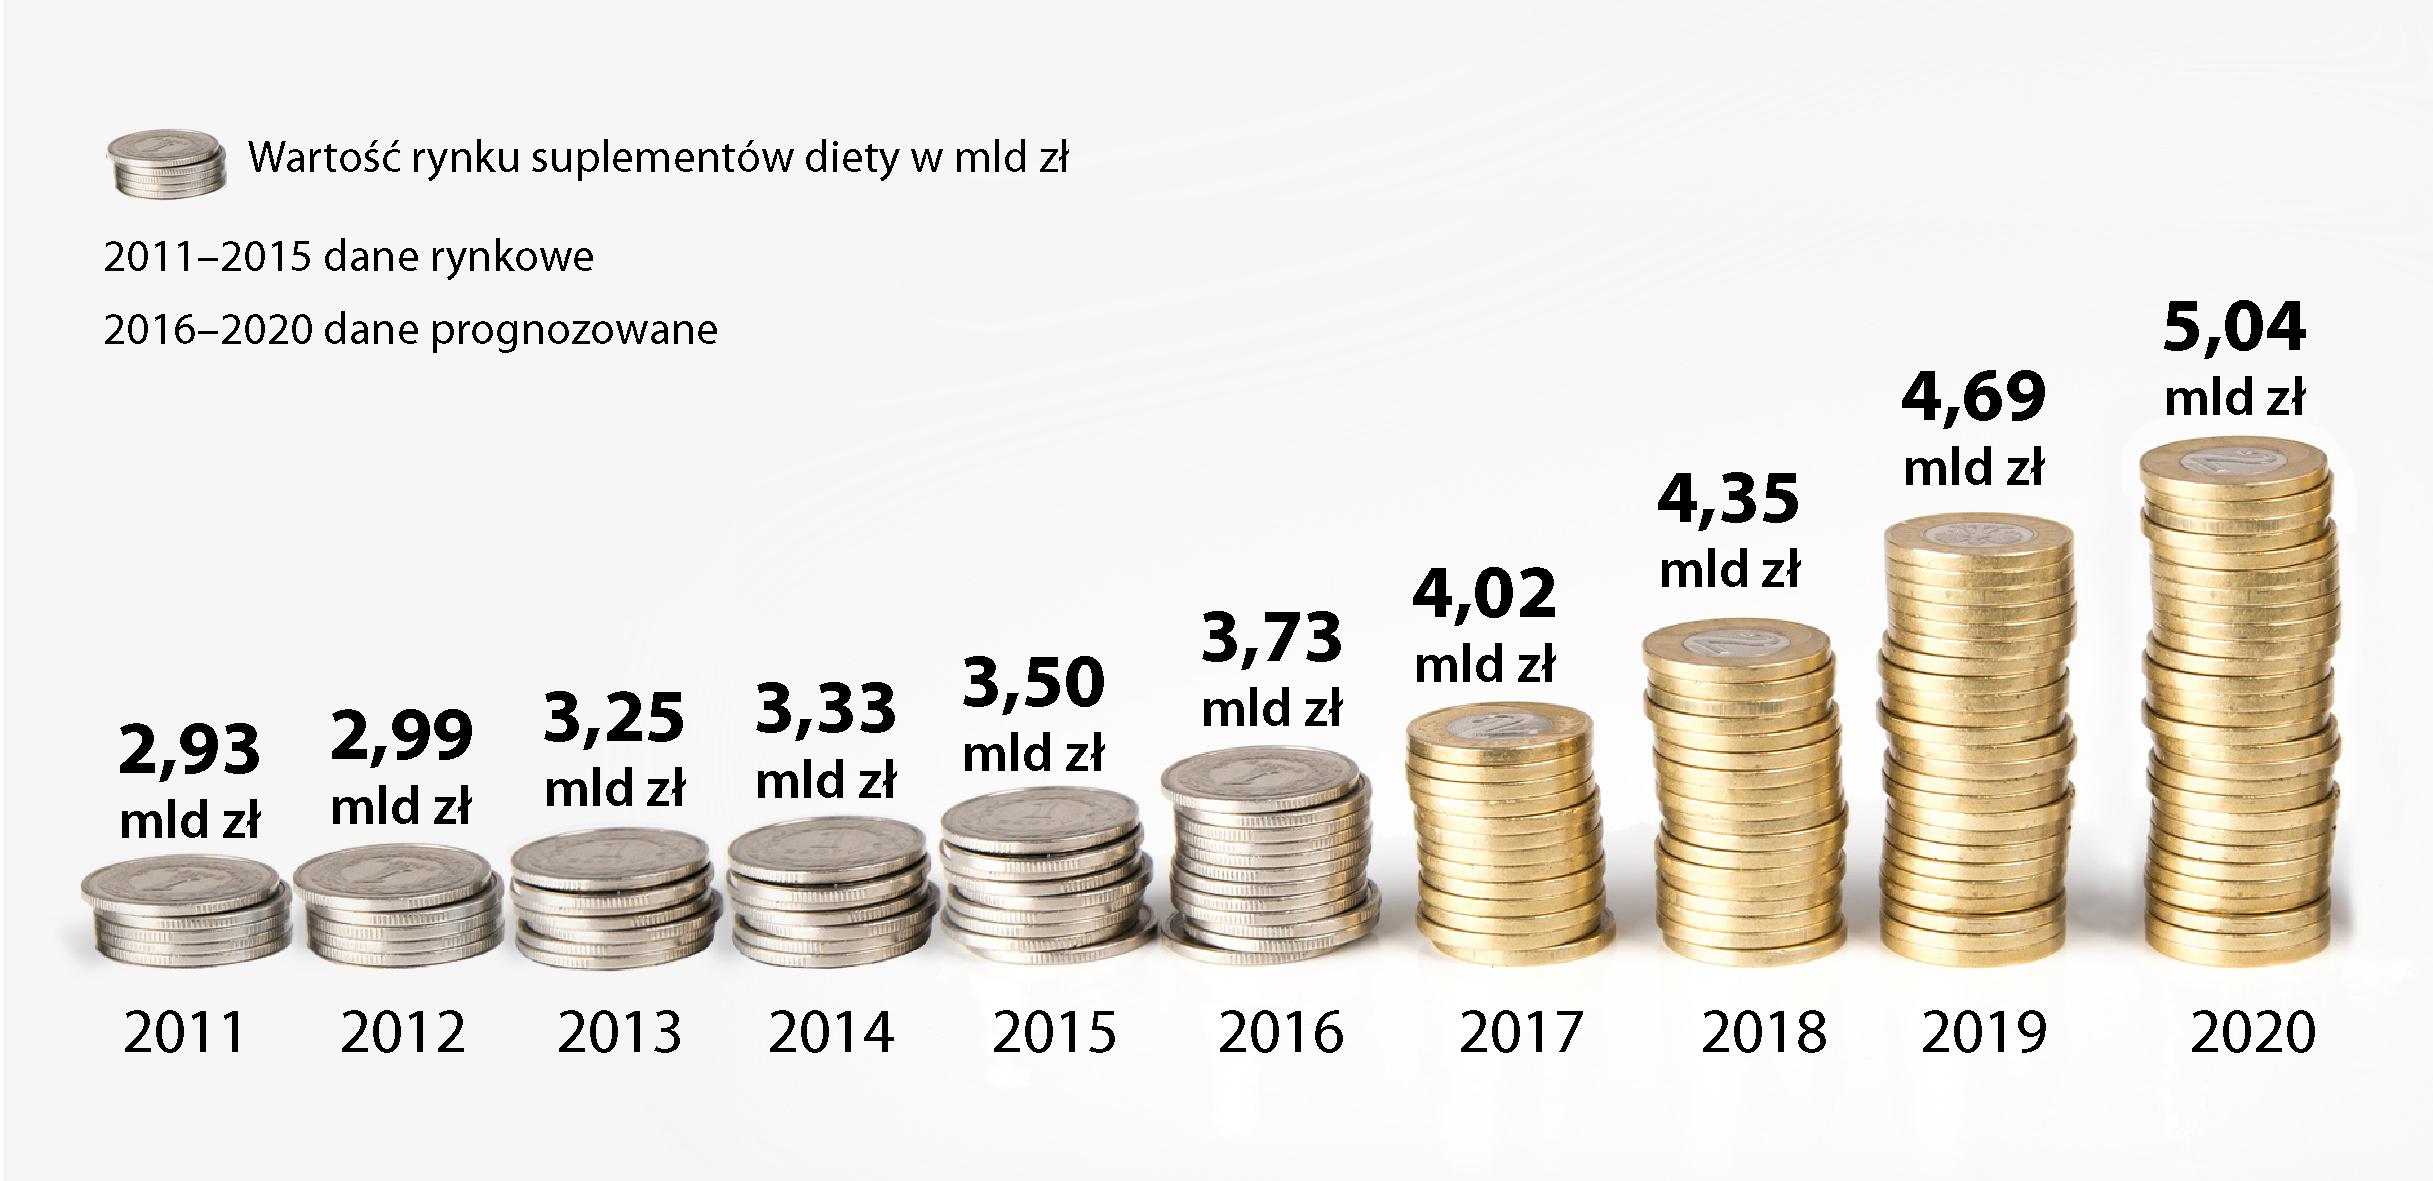 Źródło danych: Raport PMR Rynek suplementów diety w Polsce w 2015 r.